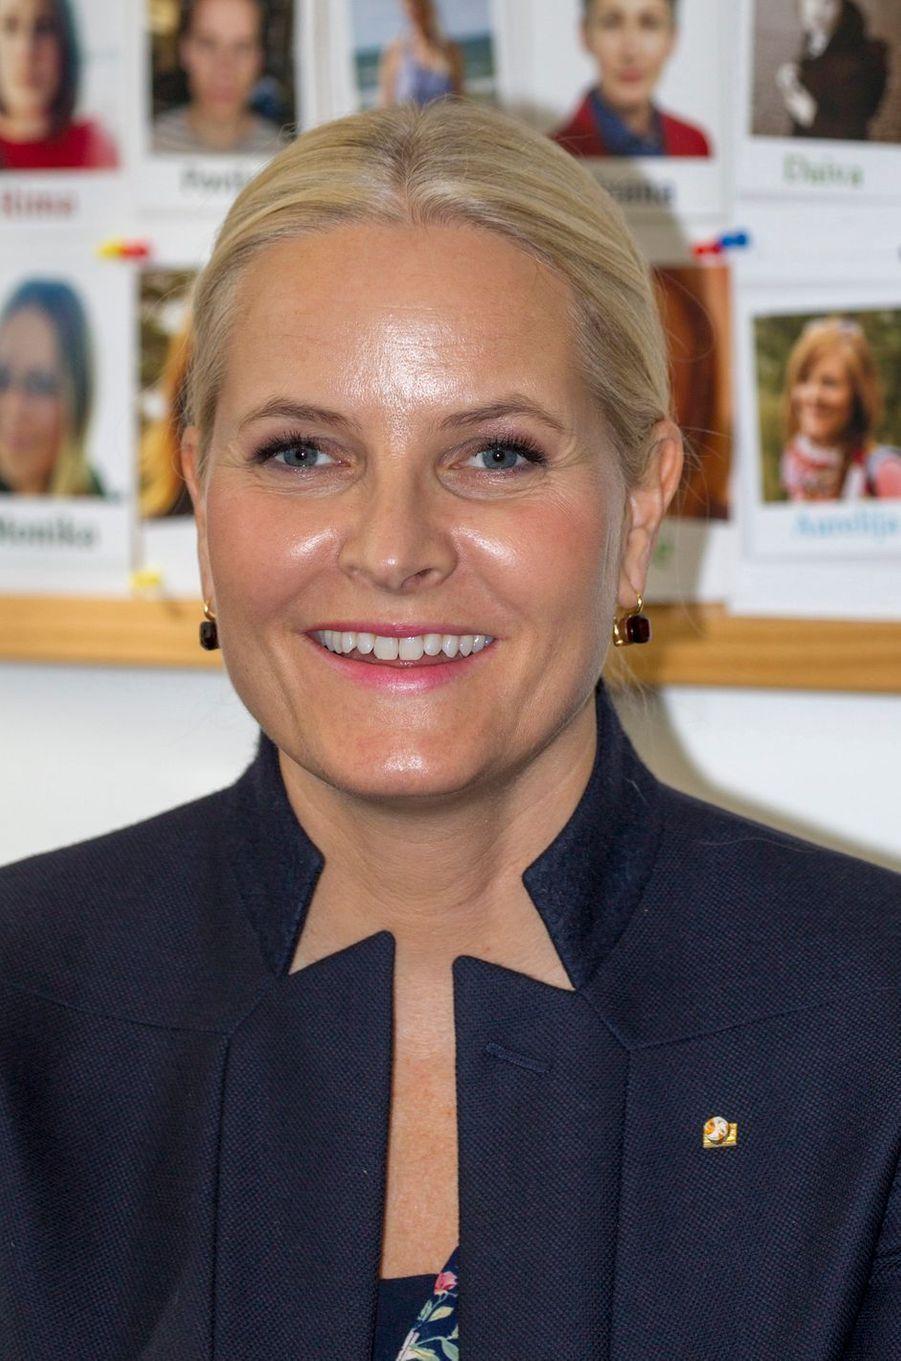 La princesse Mette-Marit de Norvège à Vilnius, le 24 avril 2018